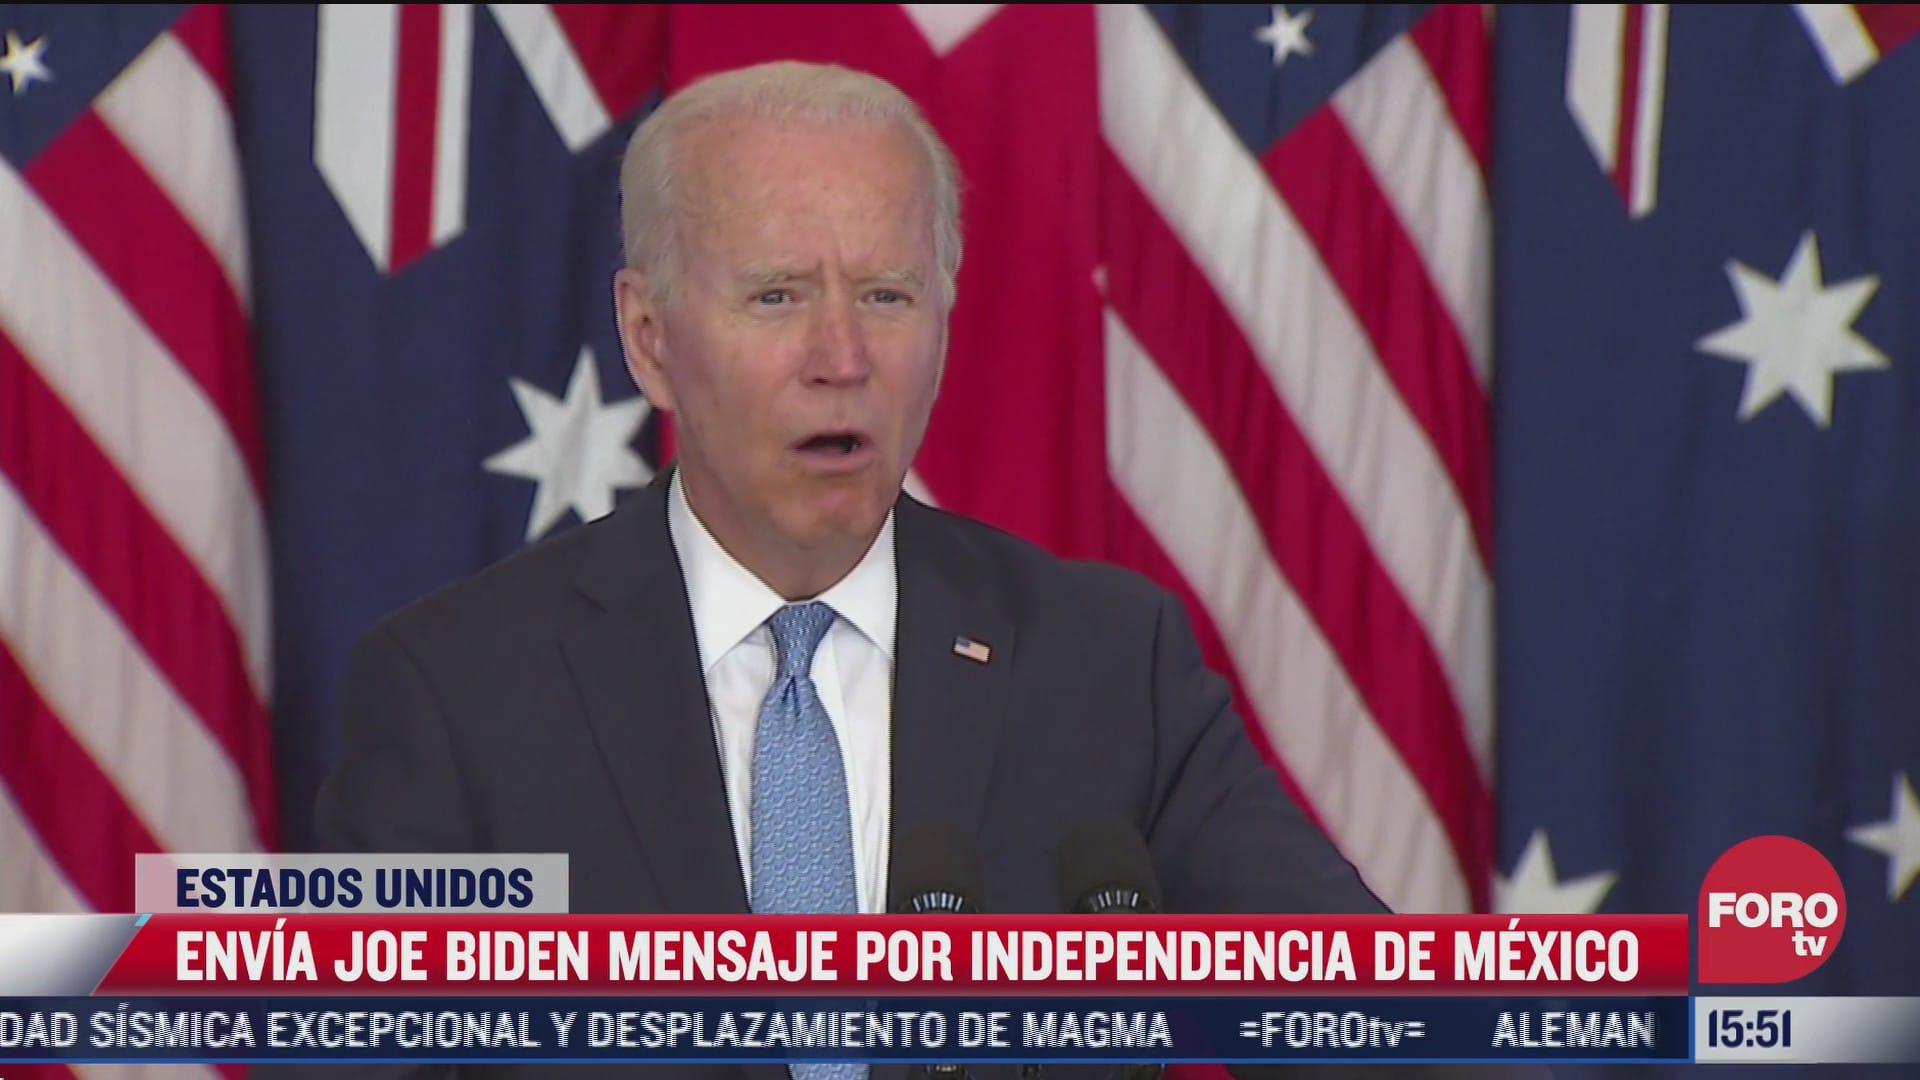 biden felicita a mexico por aniversario de independencia